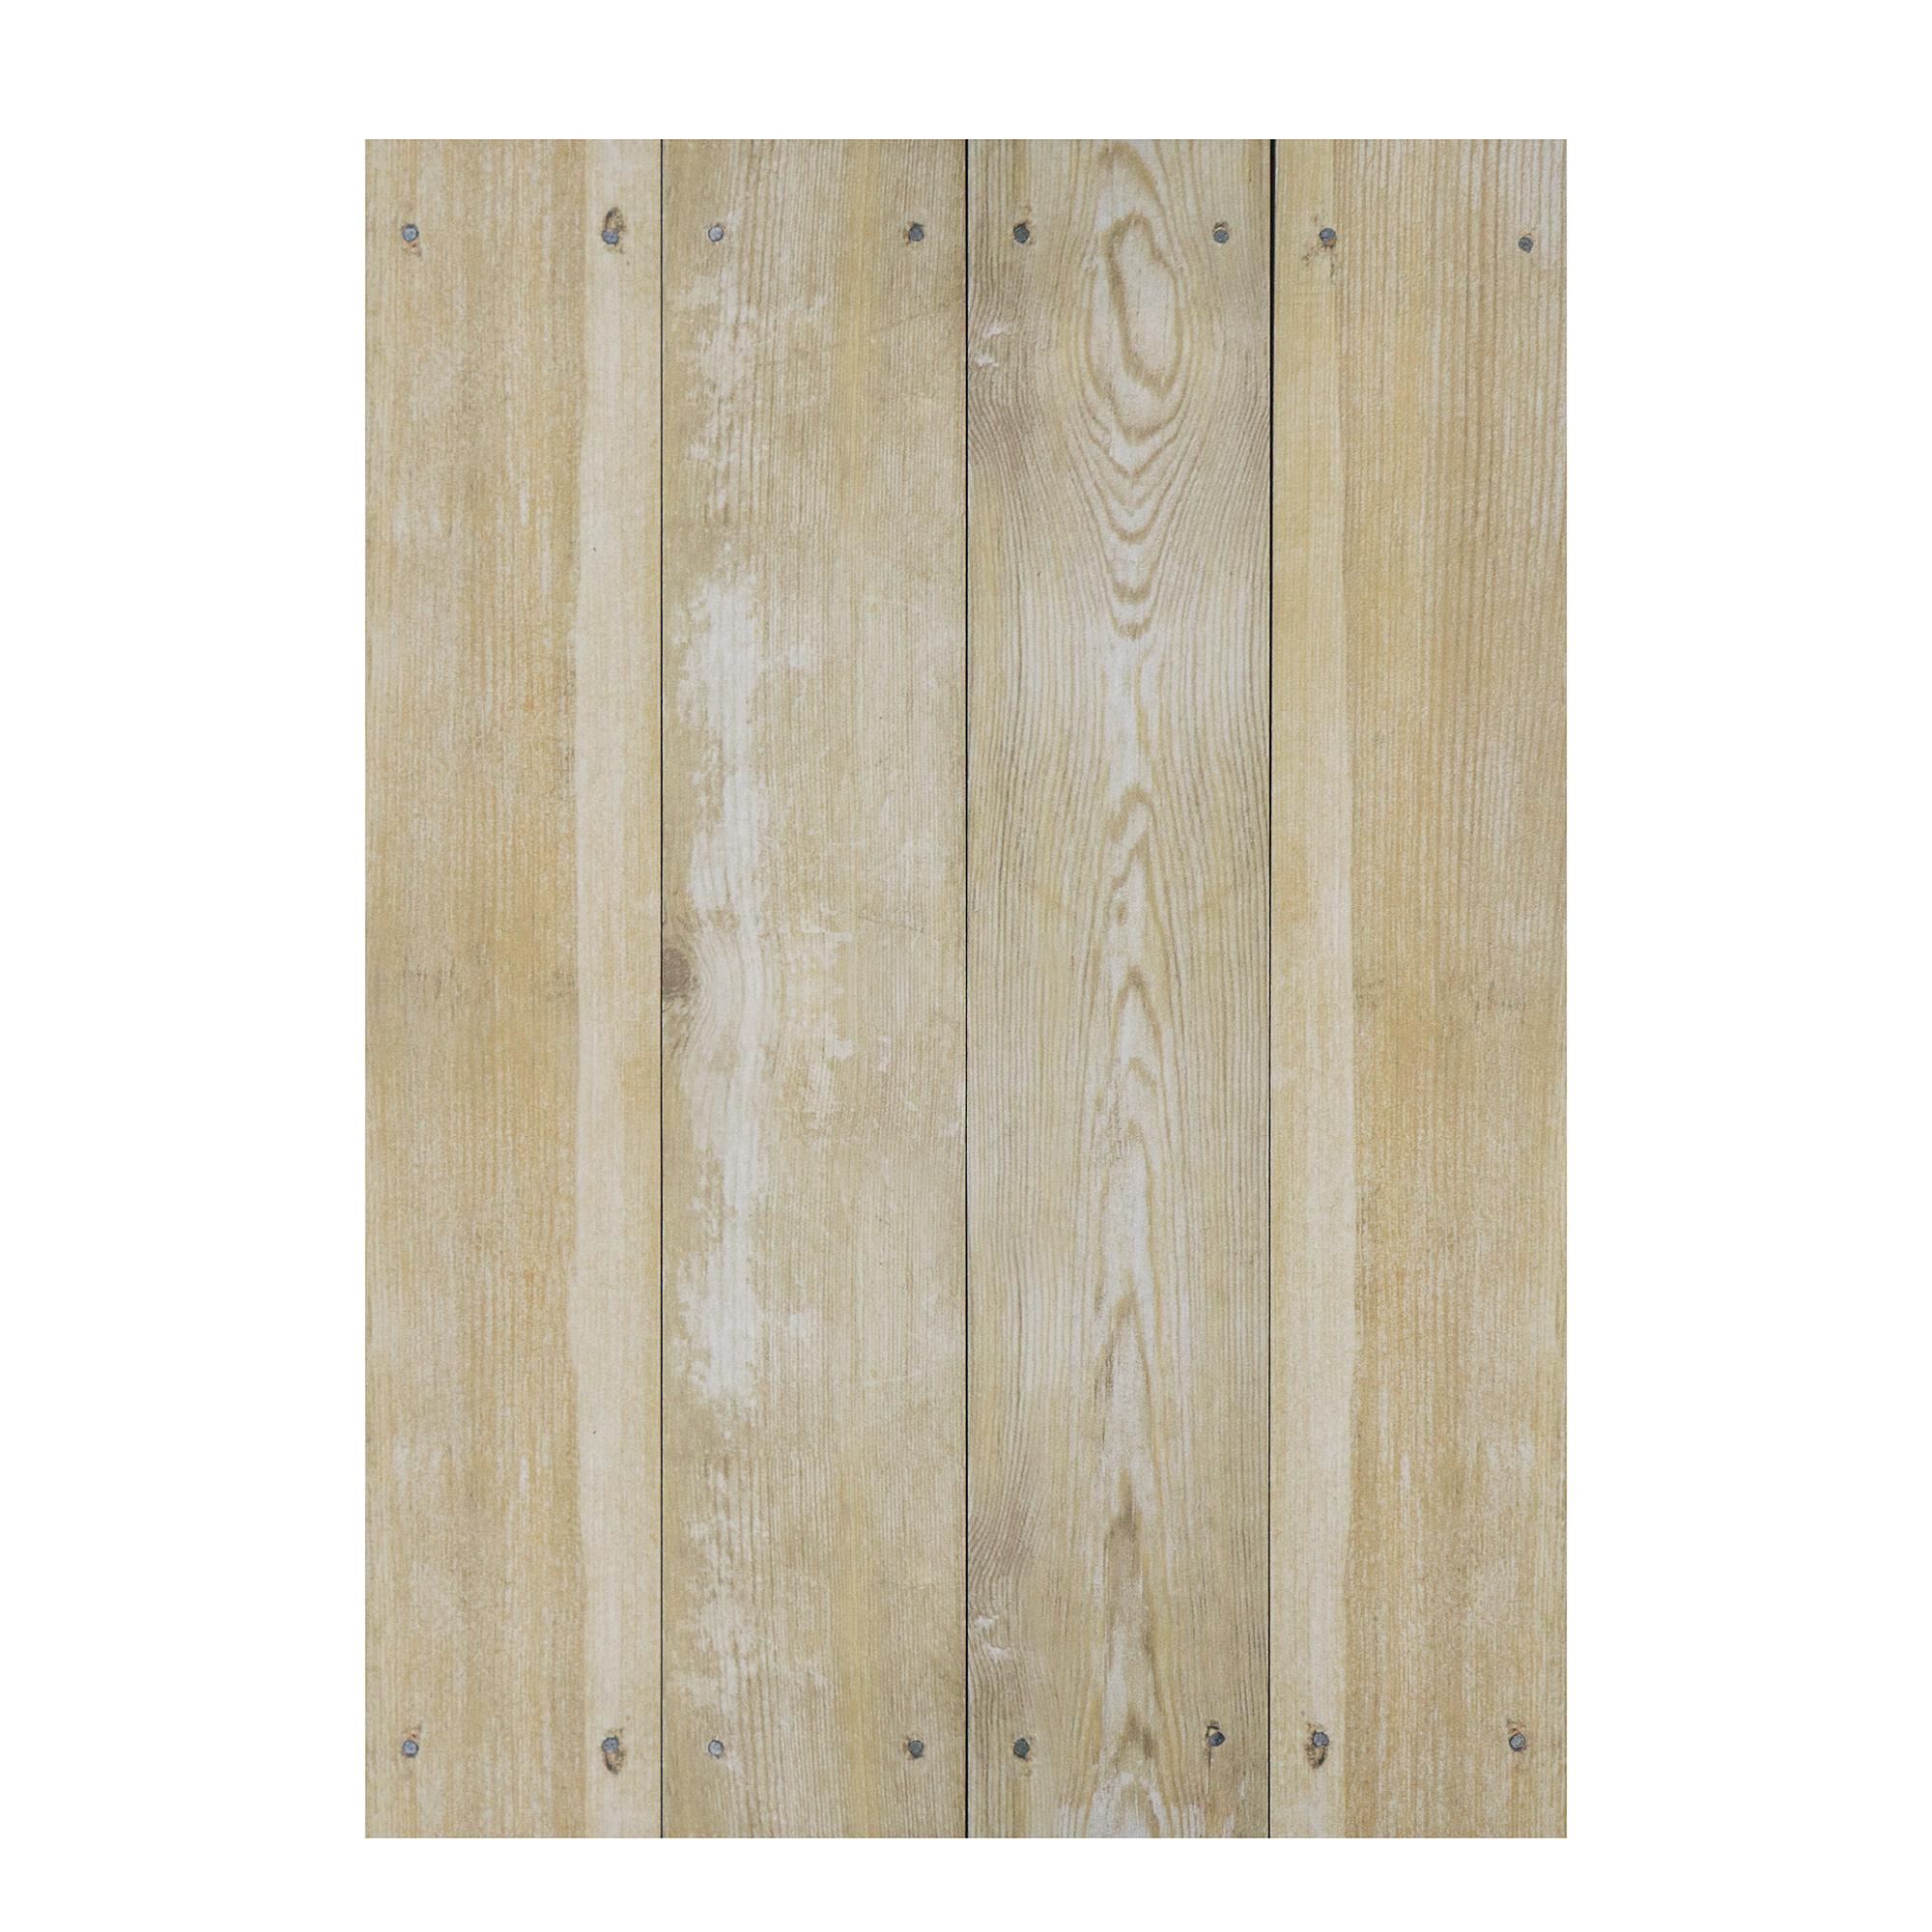 Плитка напольная Oset portofino sand 15x90 уп8 плитка напольная oset verona cotto 45x45 упаковка7